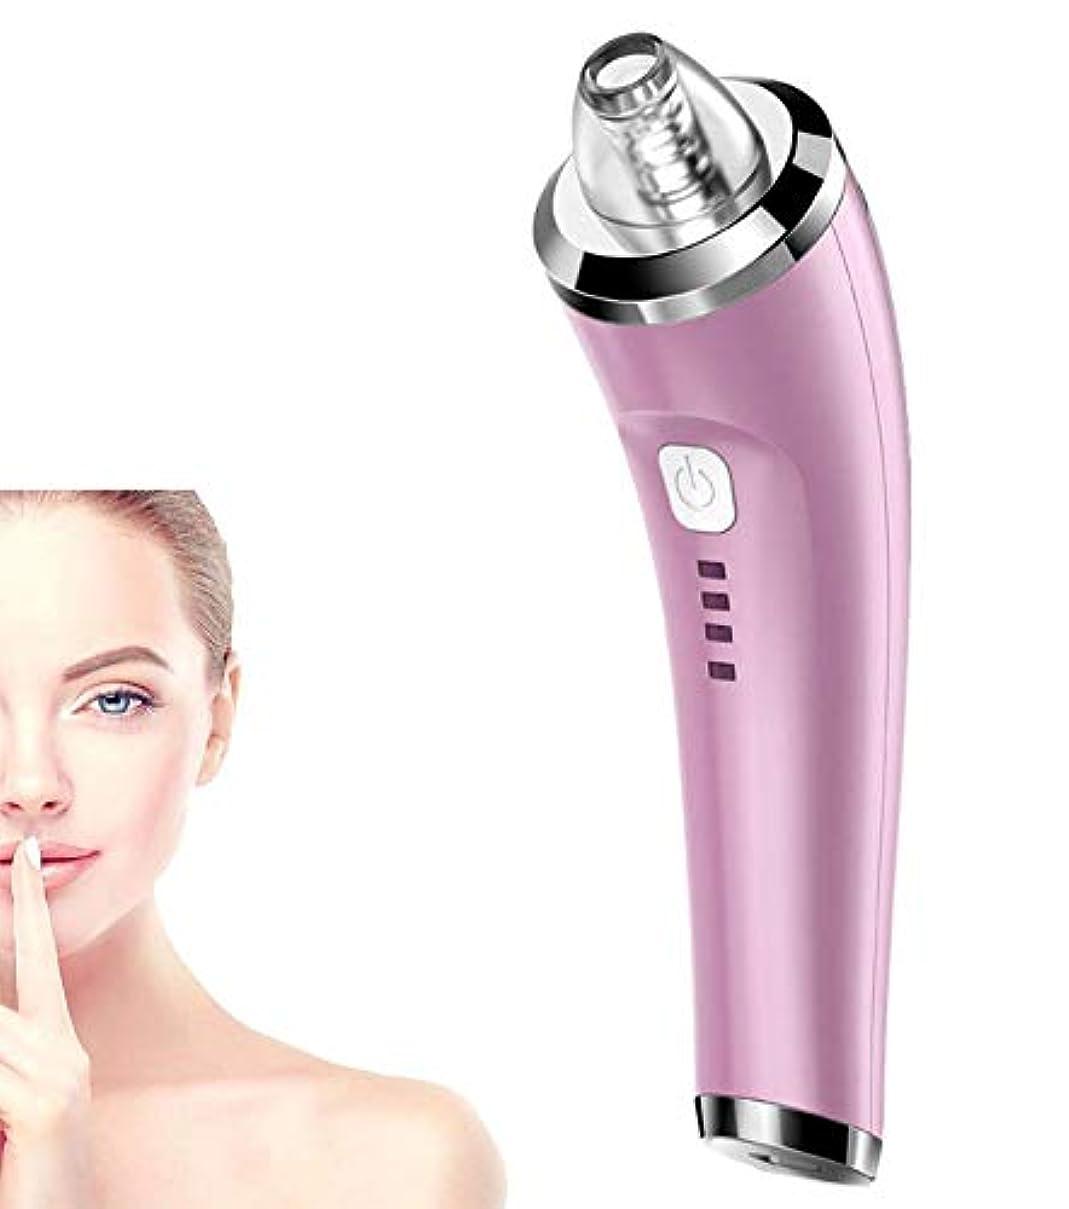 大邸宅ミシン目のホストアクネ顔面美容機器に電気的な黒頭吸引吸引孔のクリーナー,Pink